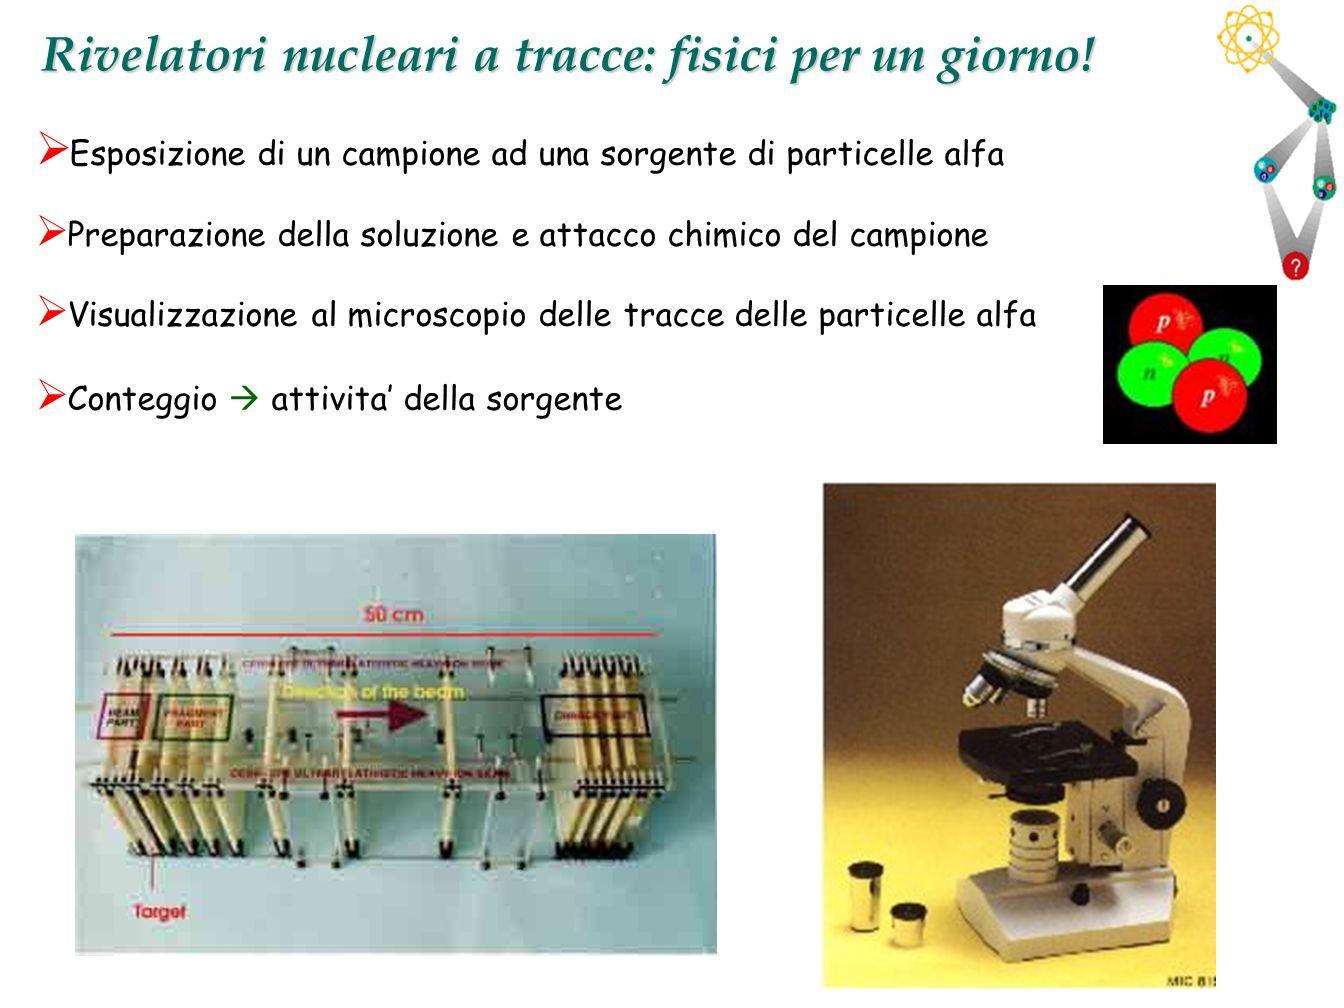 Rivelatori nucleari a tracce: fisici per un giorno!